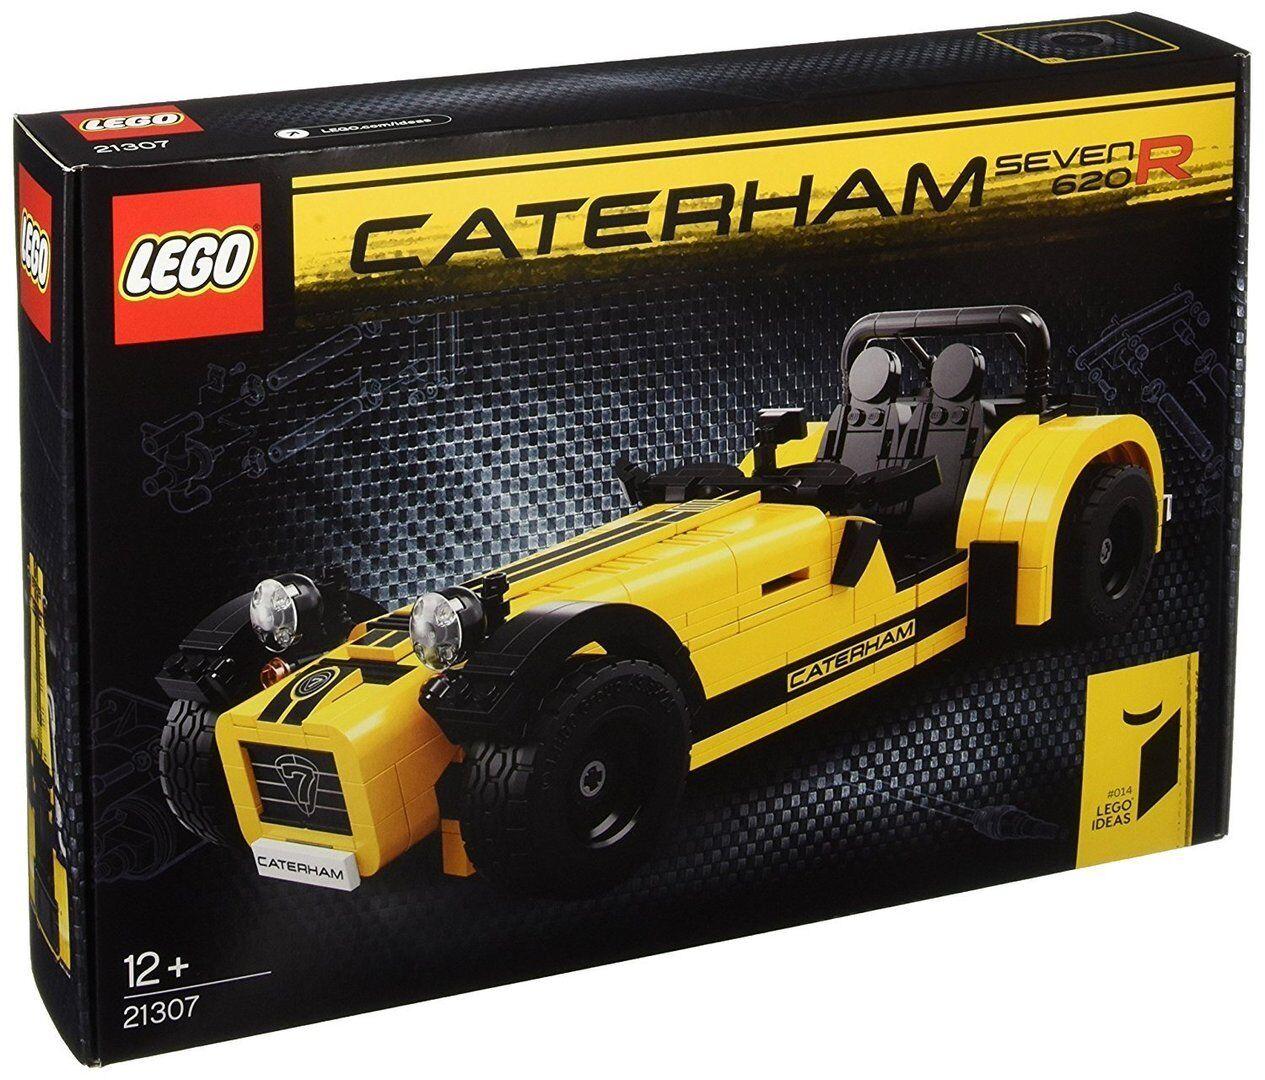 Lego 21307 - Caterham Seven 620r - NUEVO